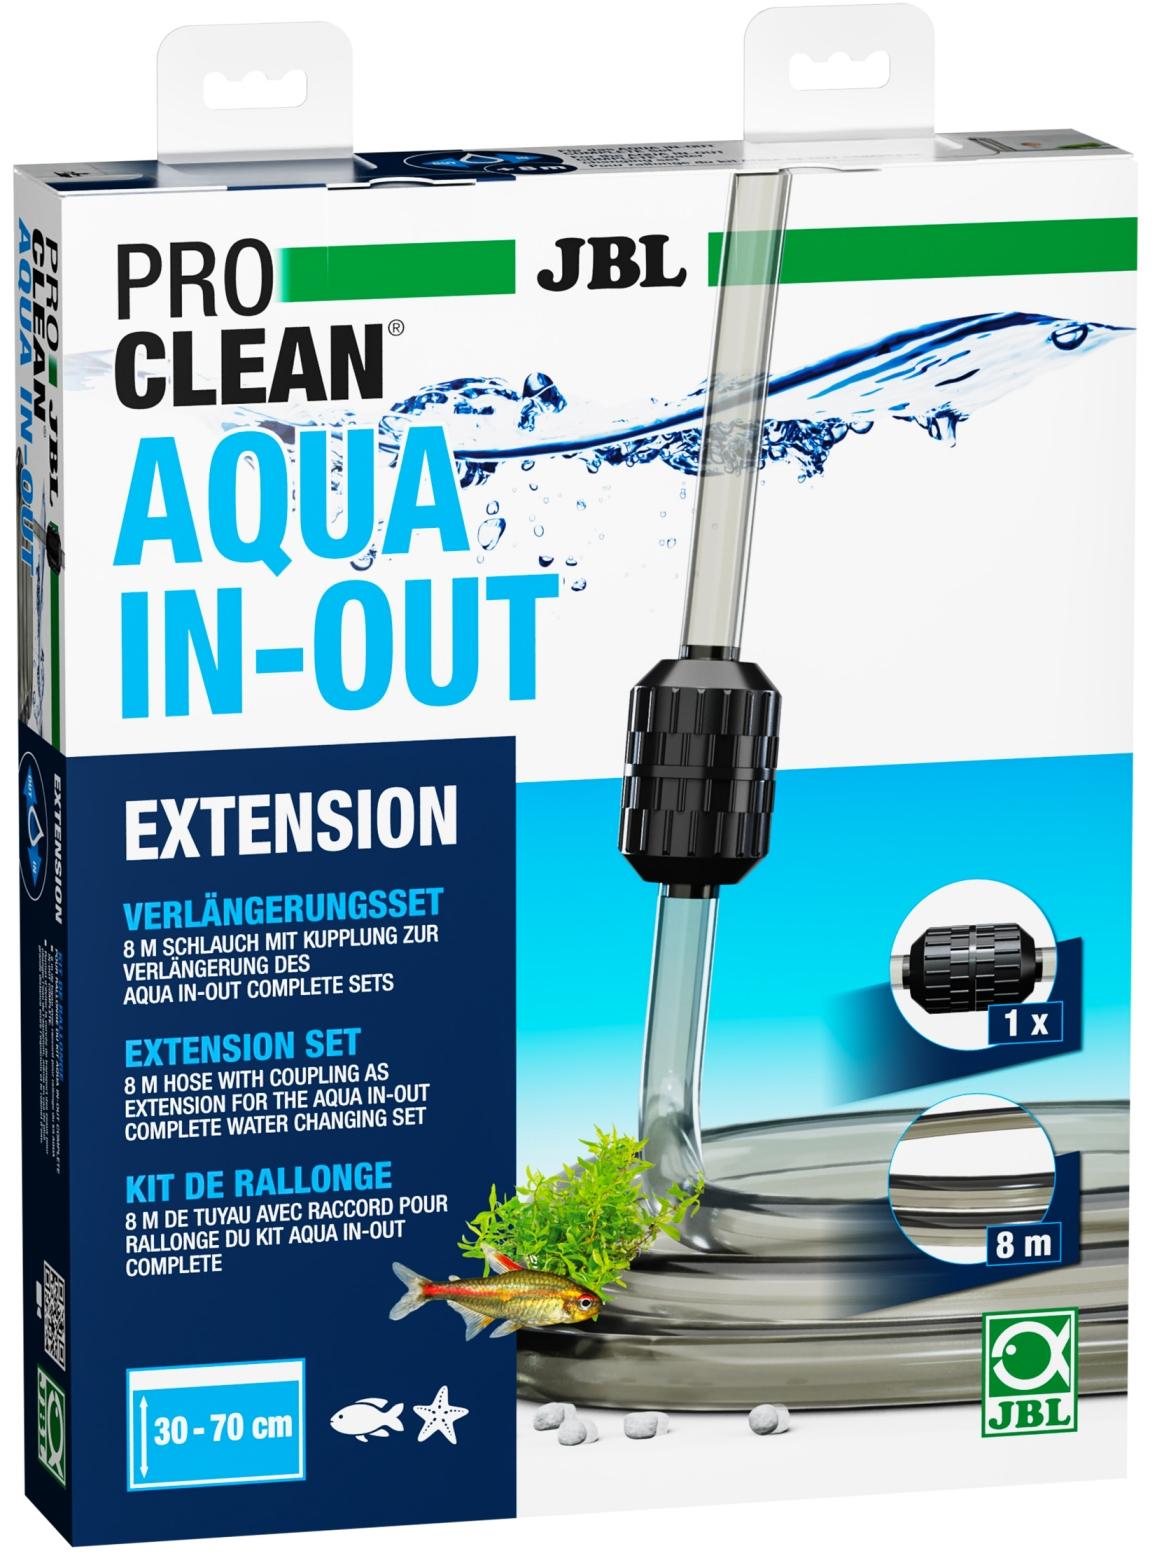 aquaristic JBL Aqua In Out Extension set